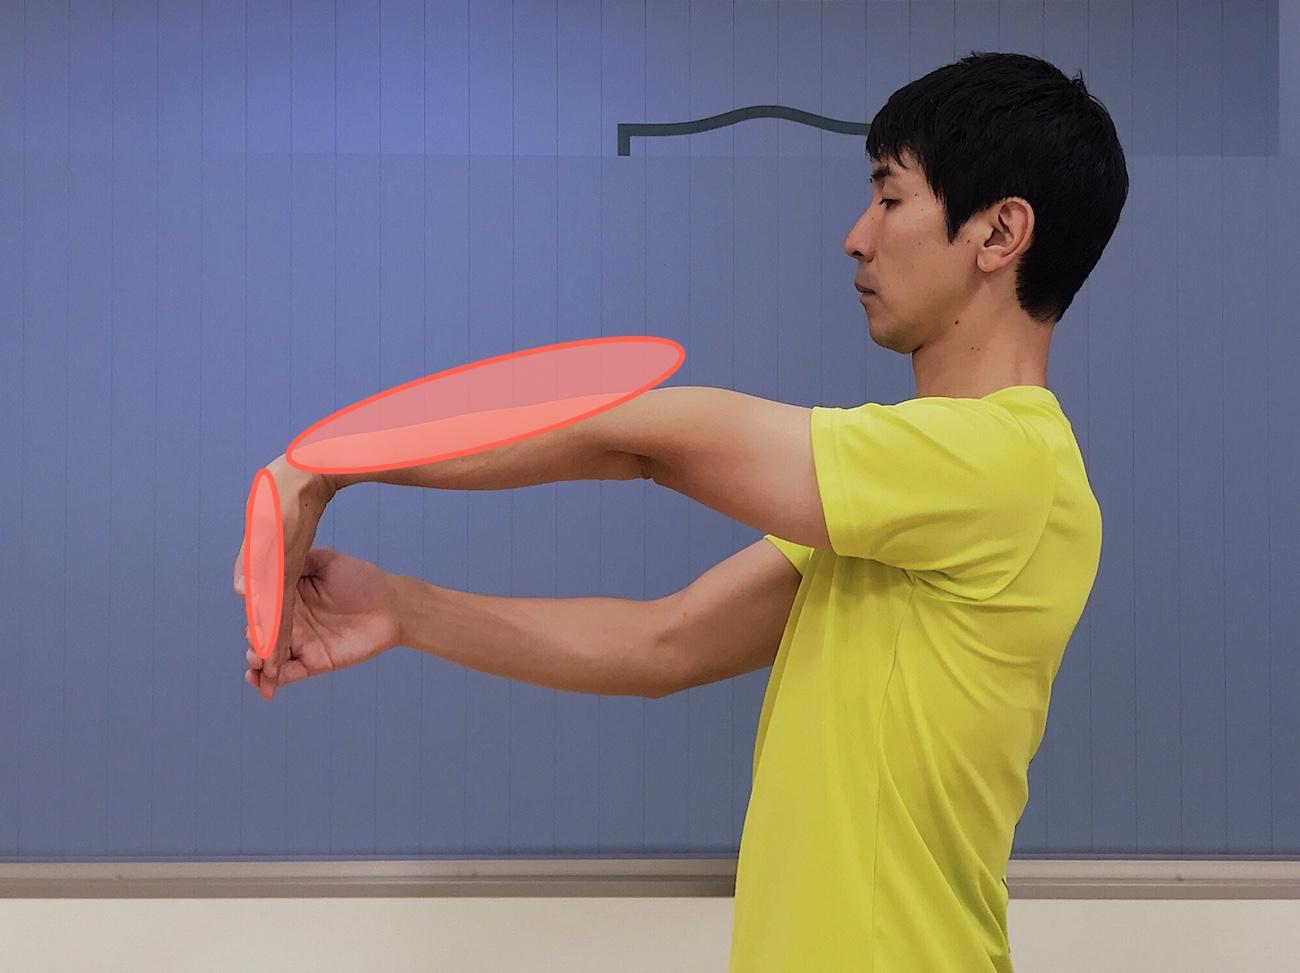 手の平〜腕のストレッチで伸びる部位